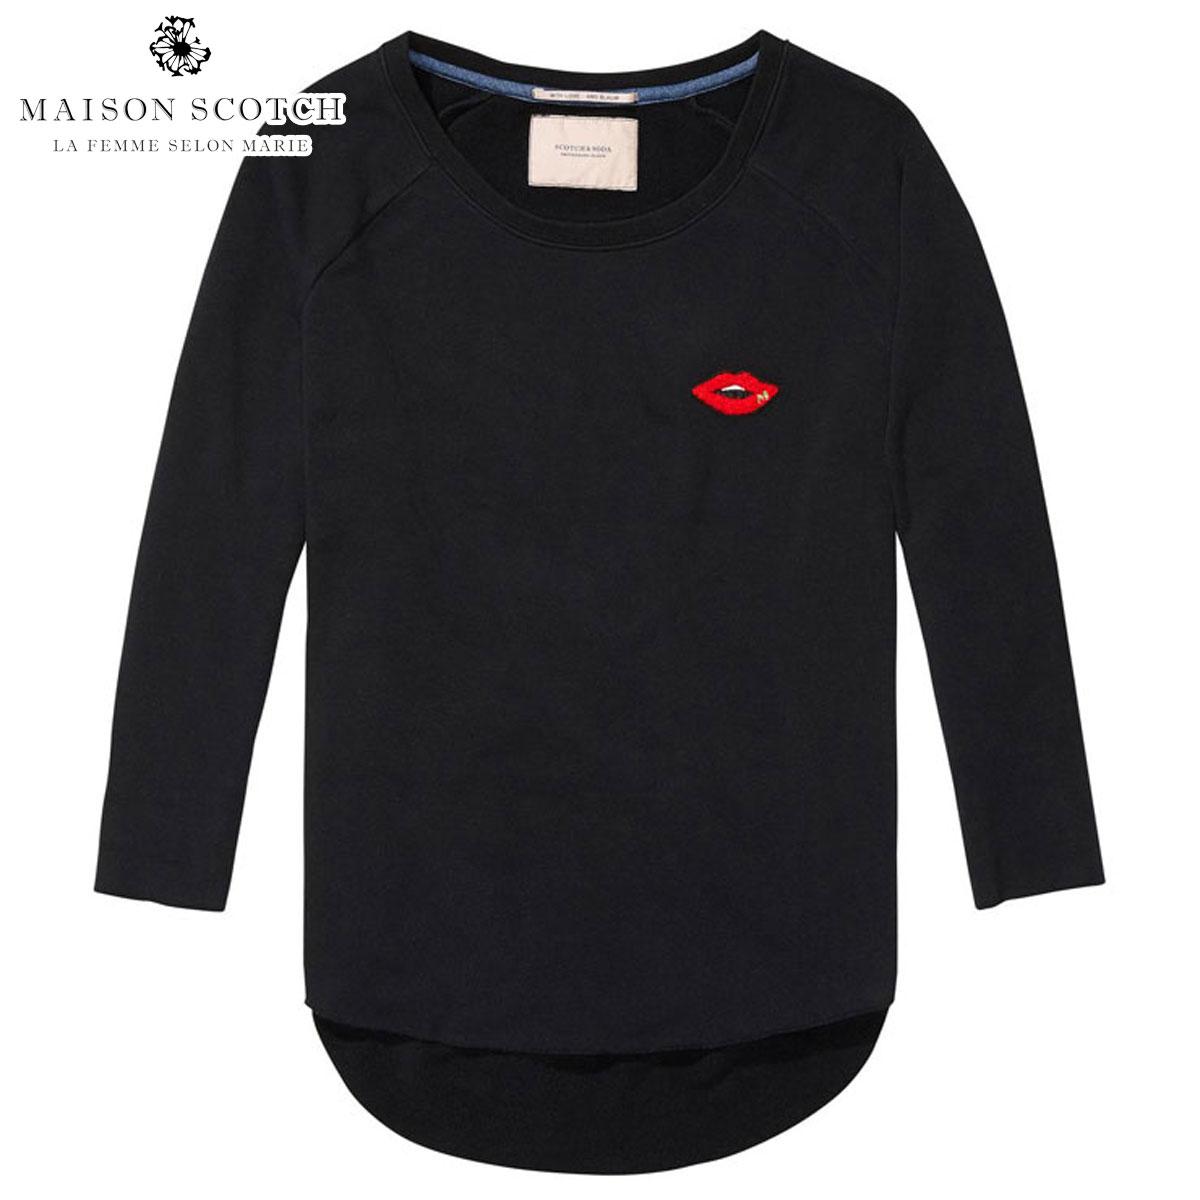 メゾンスコッチ MAISON SCOTCH 正規販売店 レディース 七分袖Tシャツ UNEVEN HEM SWEATER 134822 8 BLACK